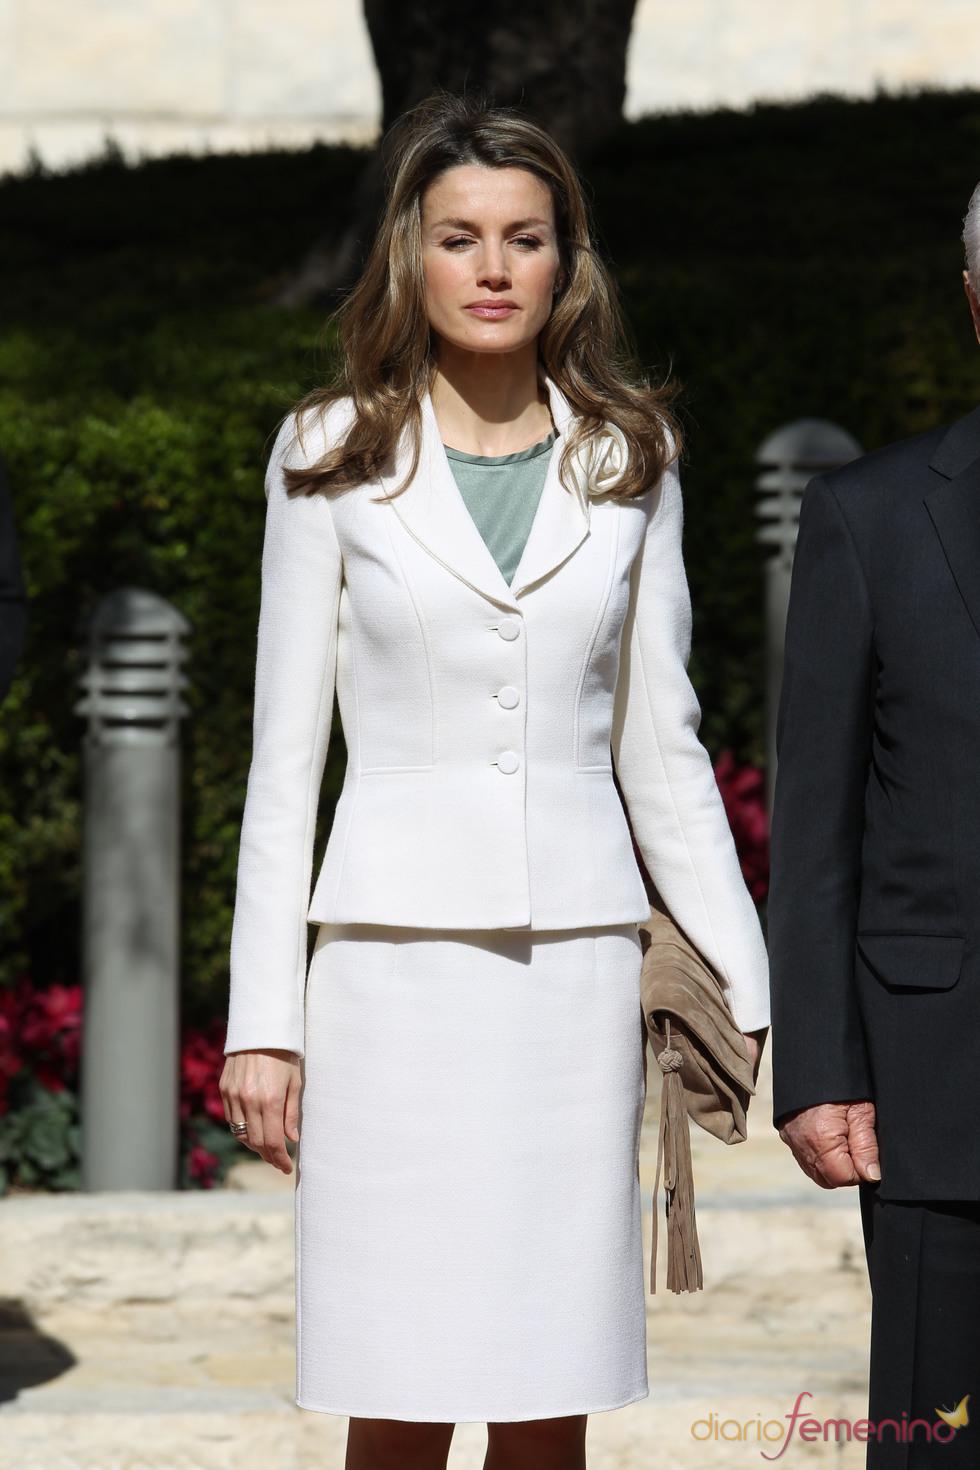 El 'look' de la Princesa Letizia durante su visita a Israel